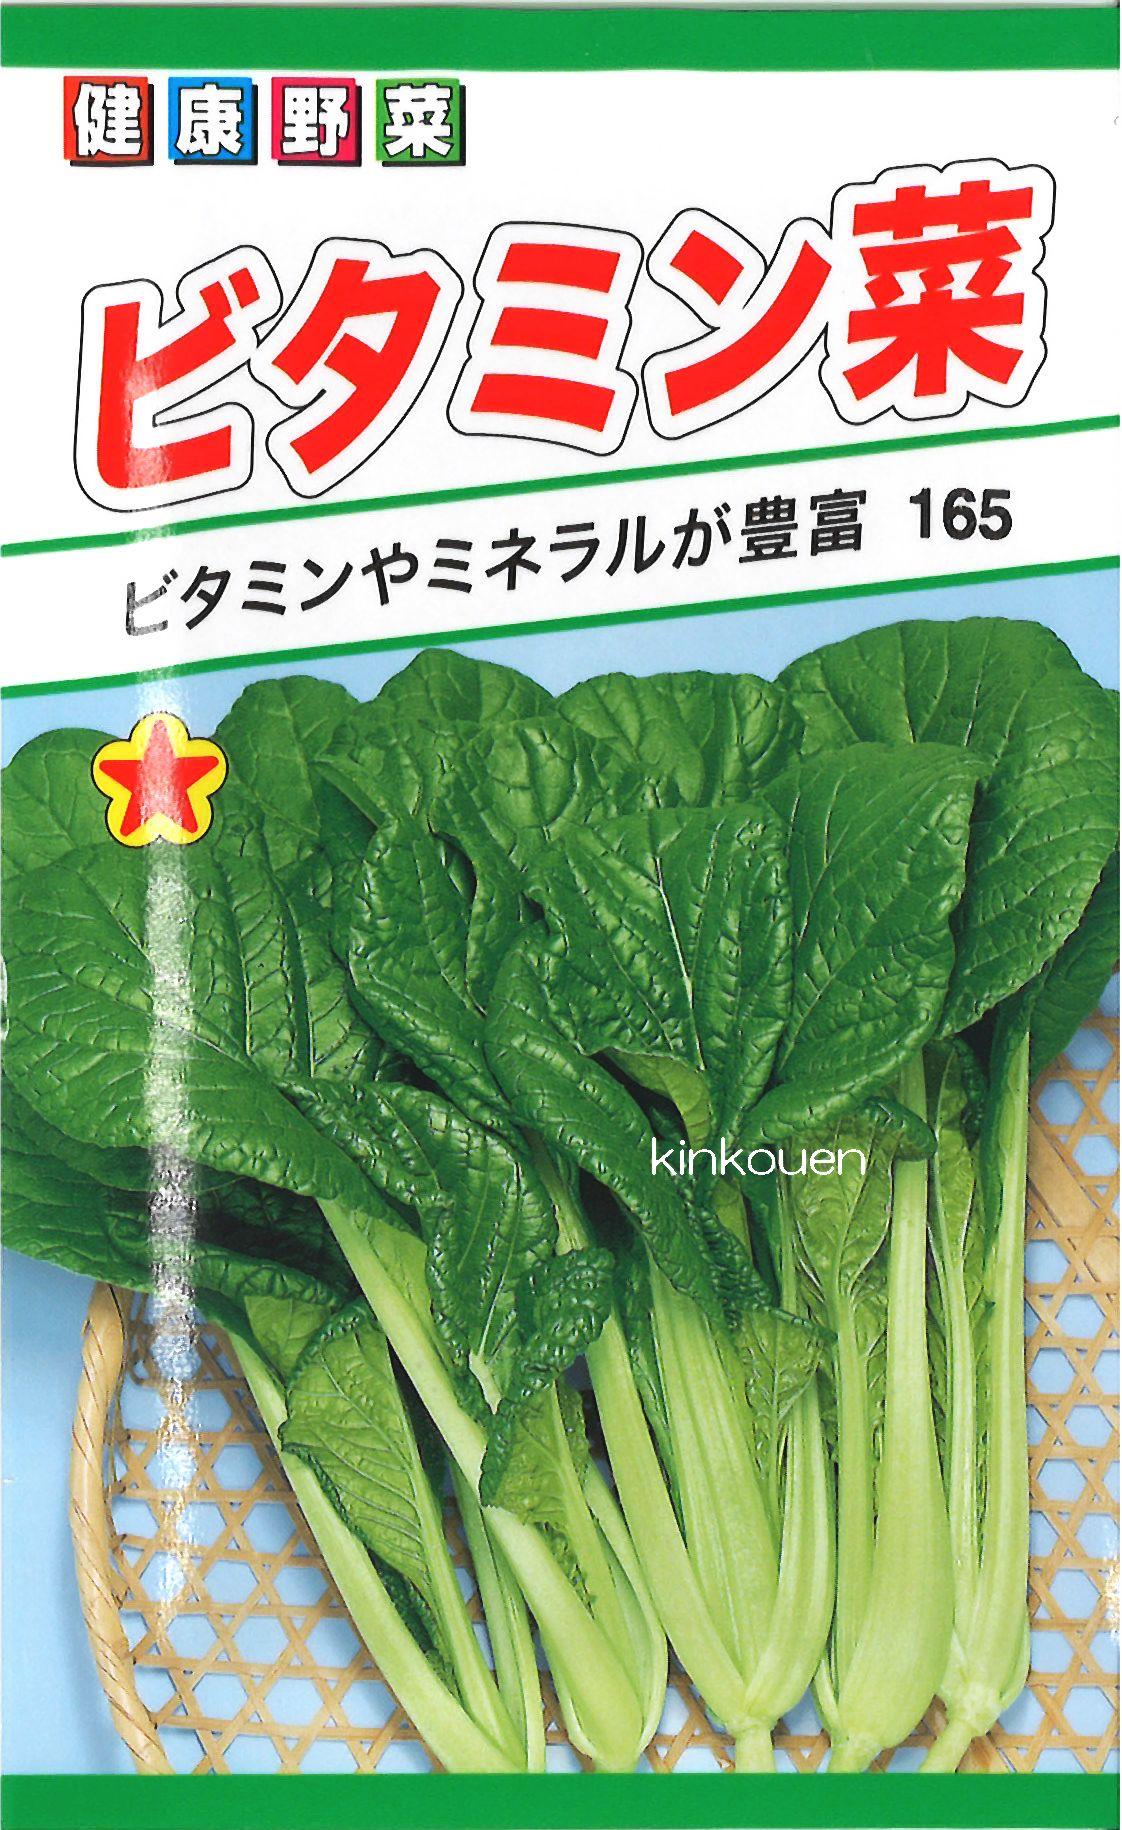 【代引不可】【5袋まで送料80円】 □ビタミン菜